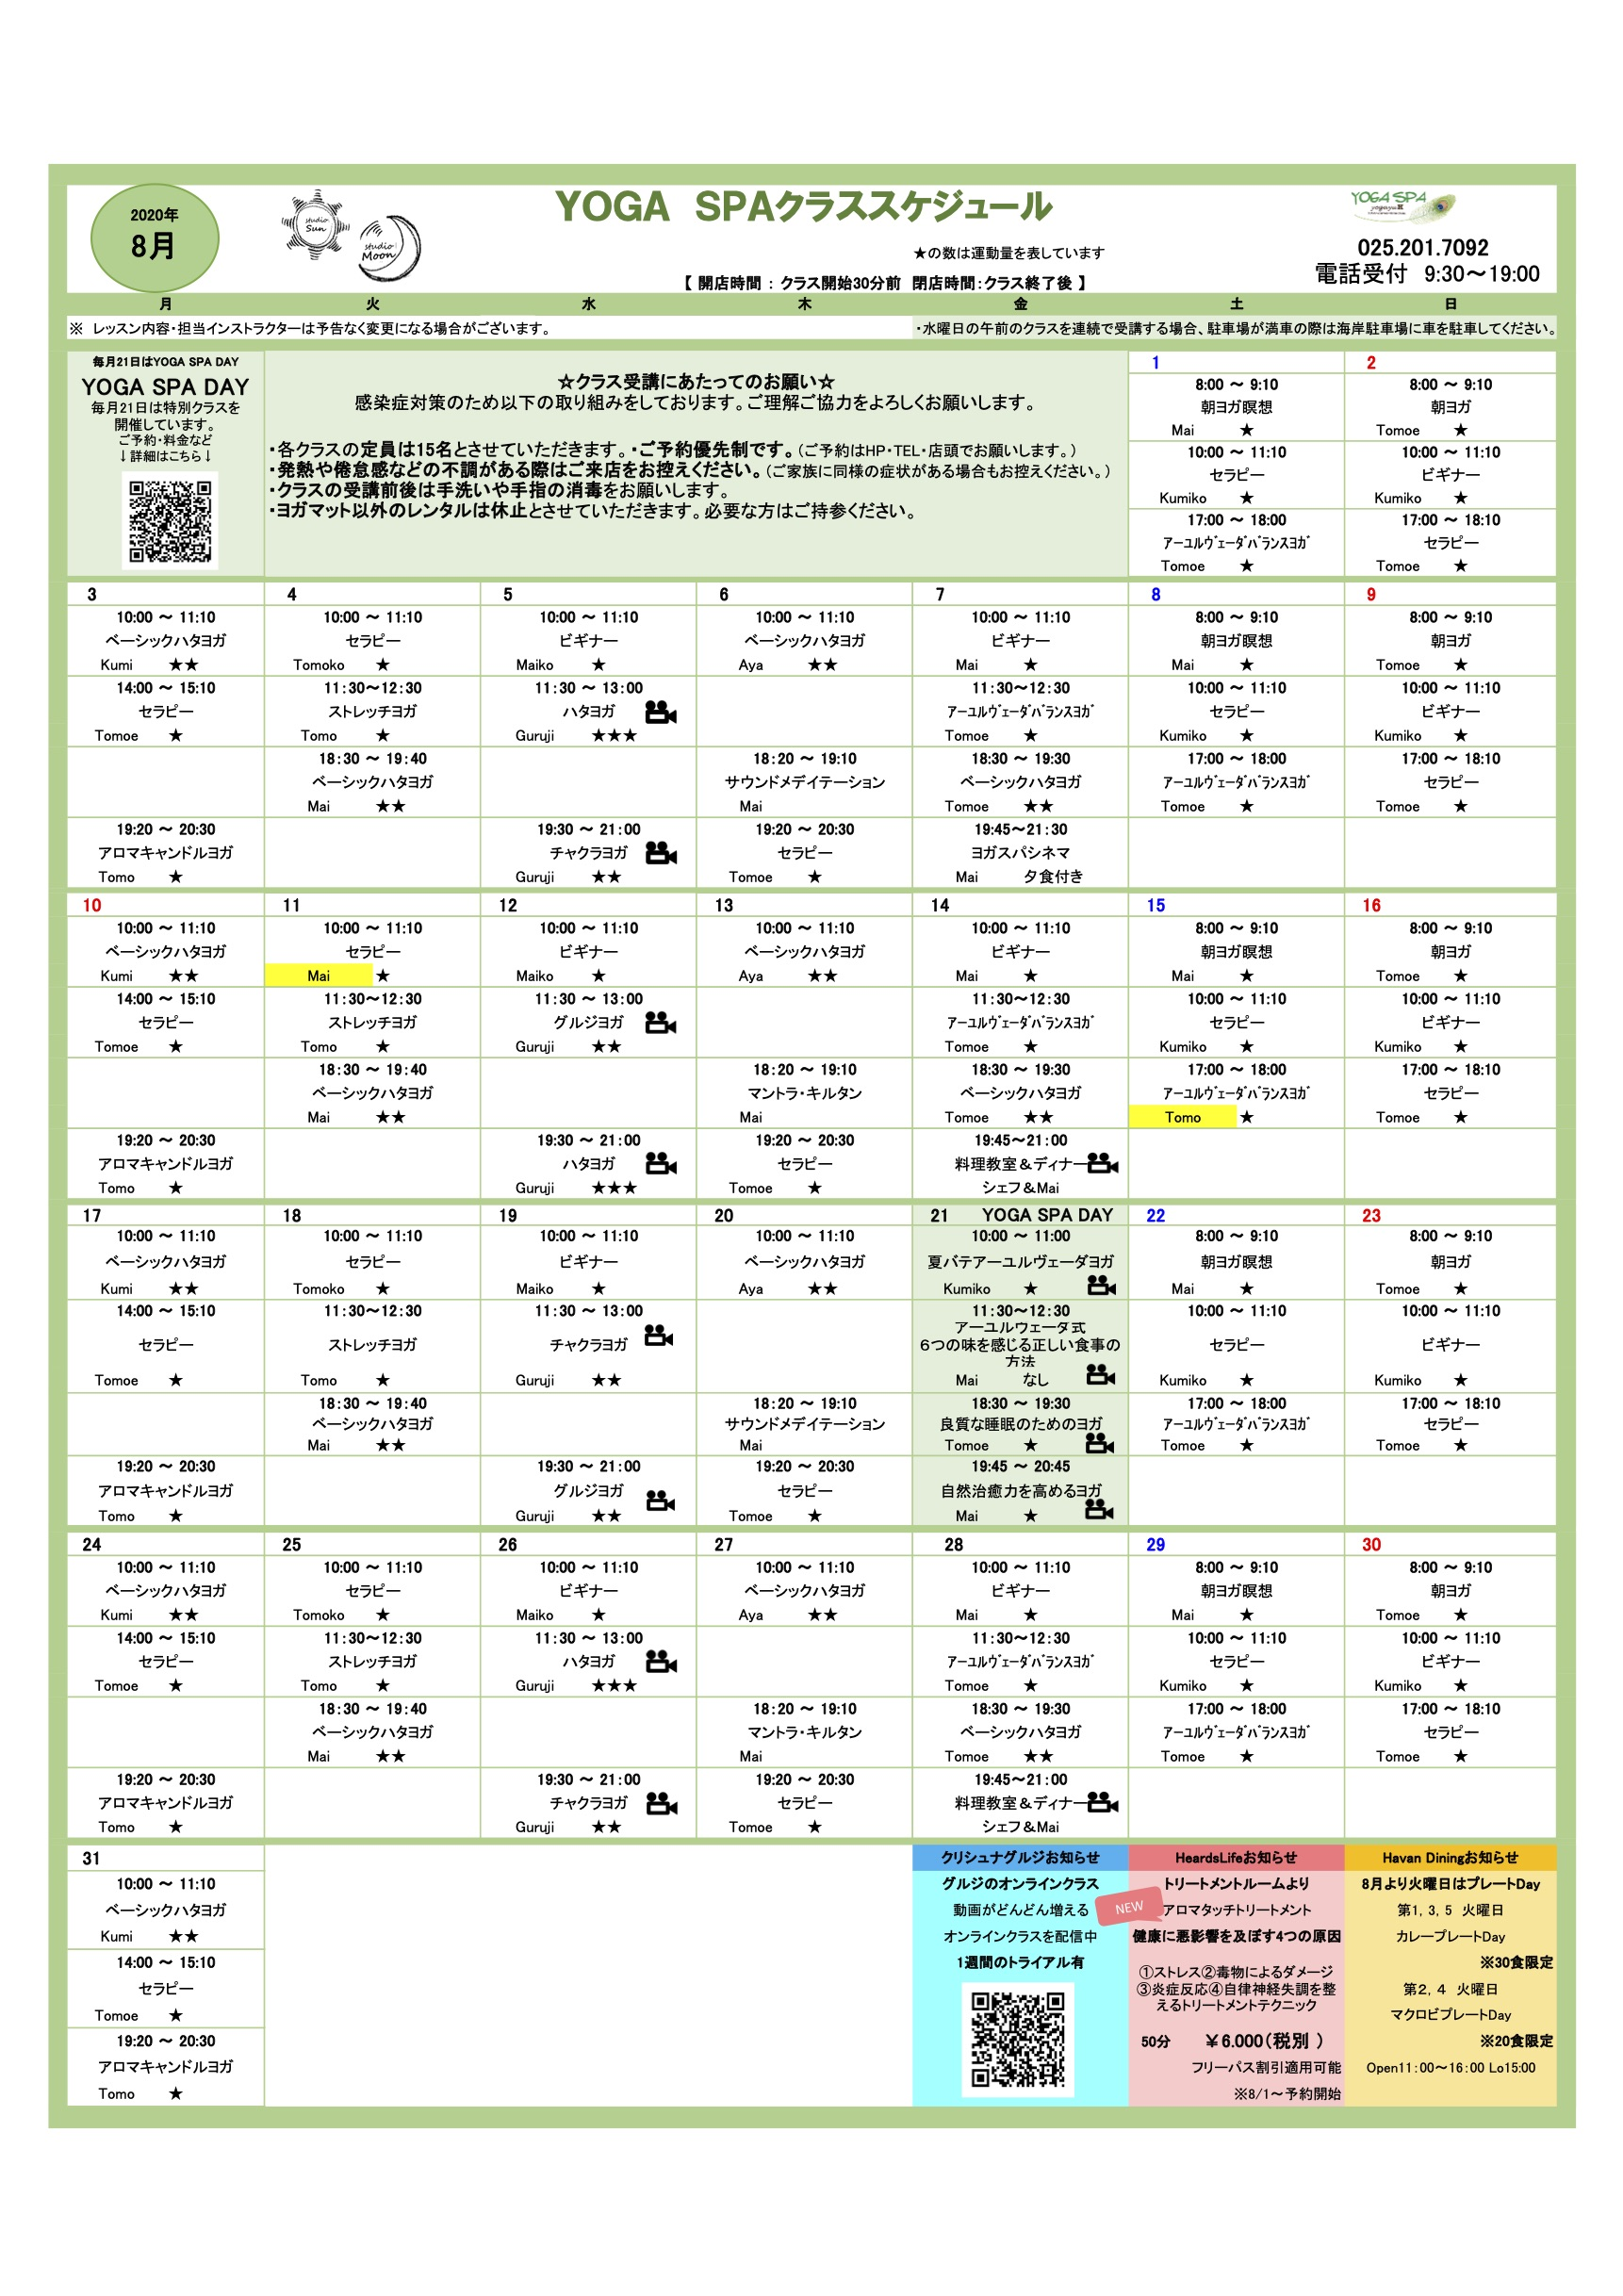 8月スケジュール表